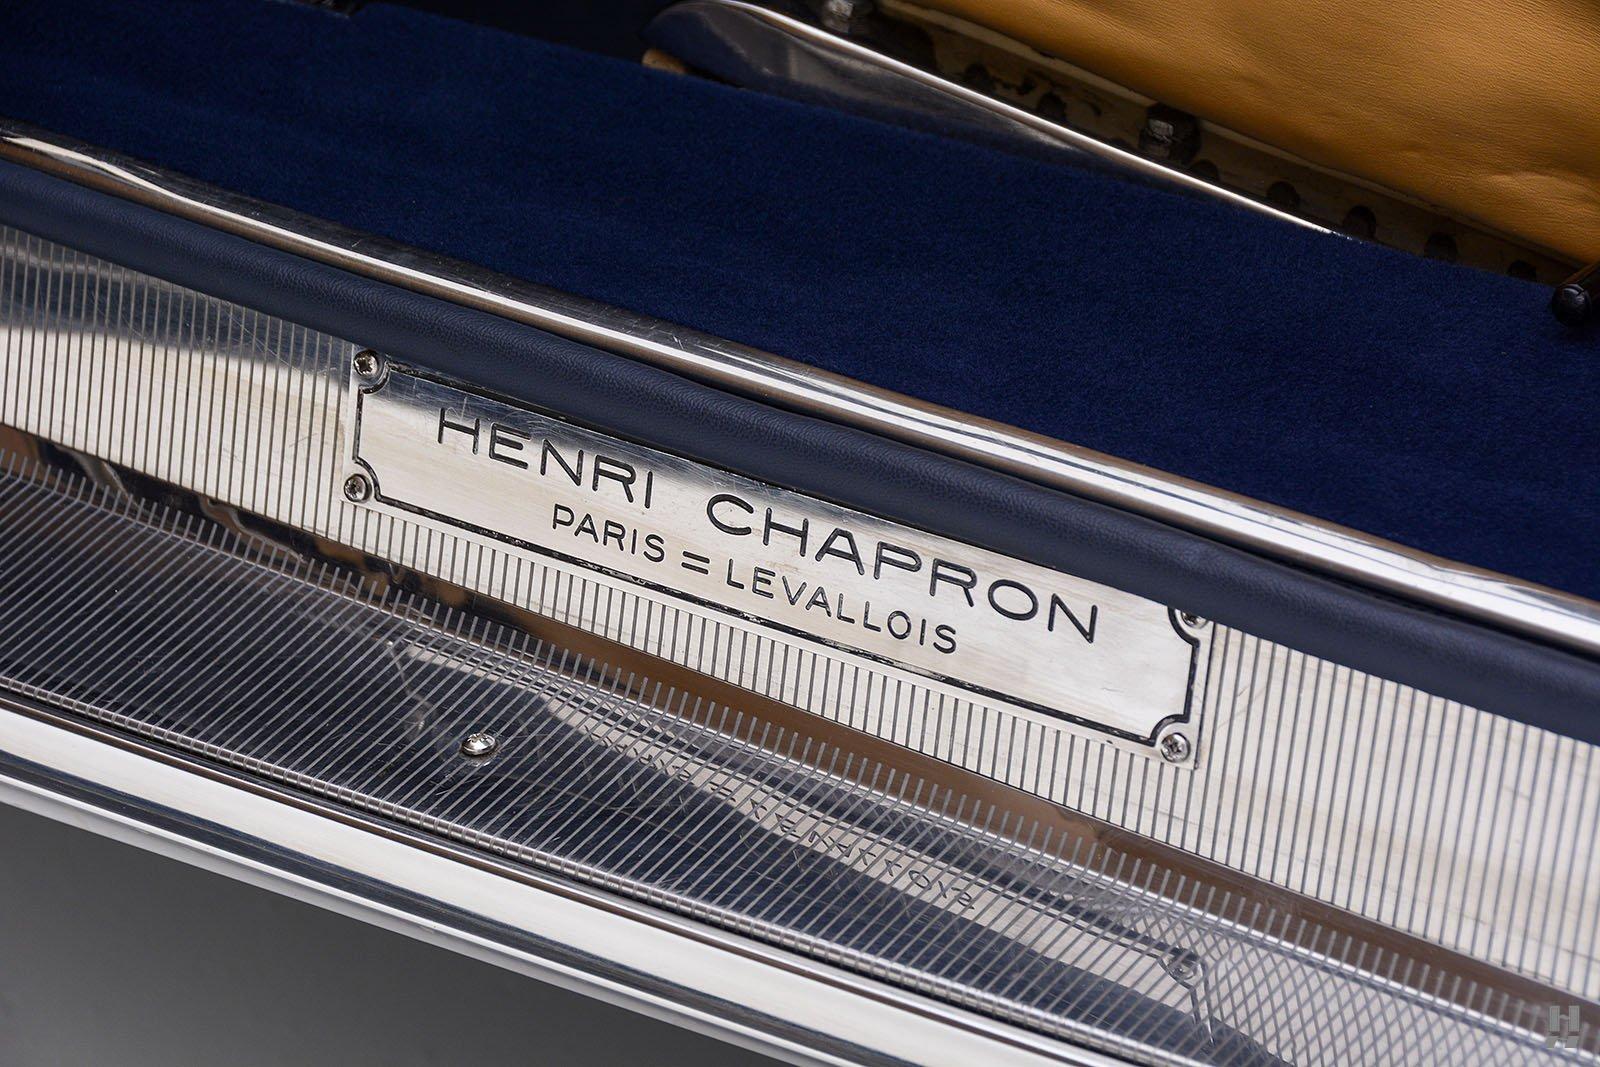 Очень редкий Citroen DS21 1965 года выпуска выставили на продажу